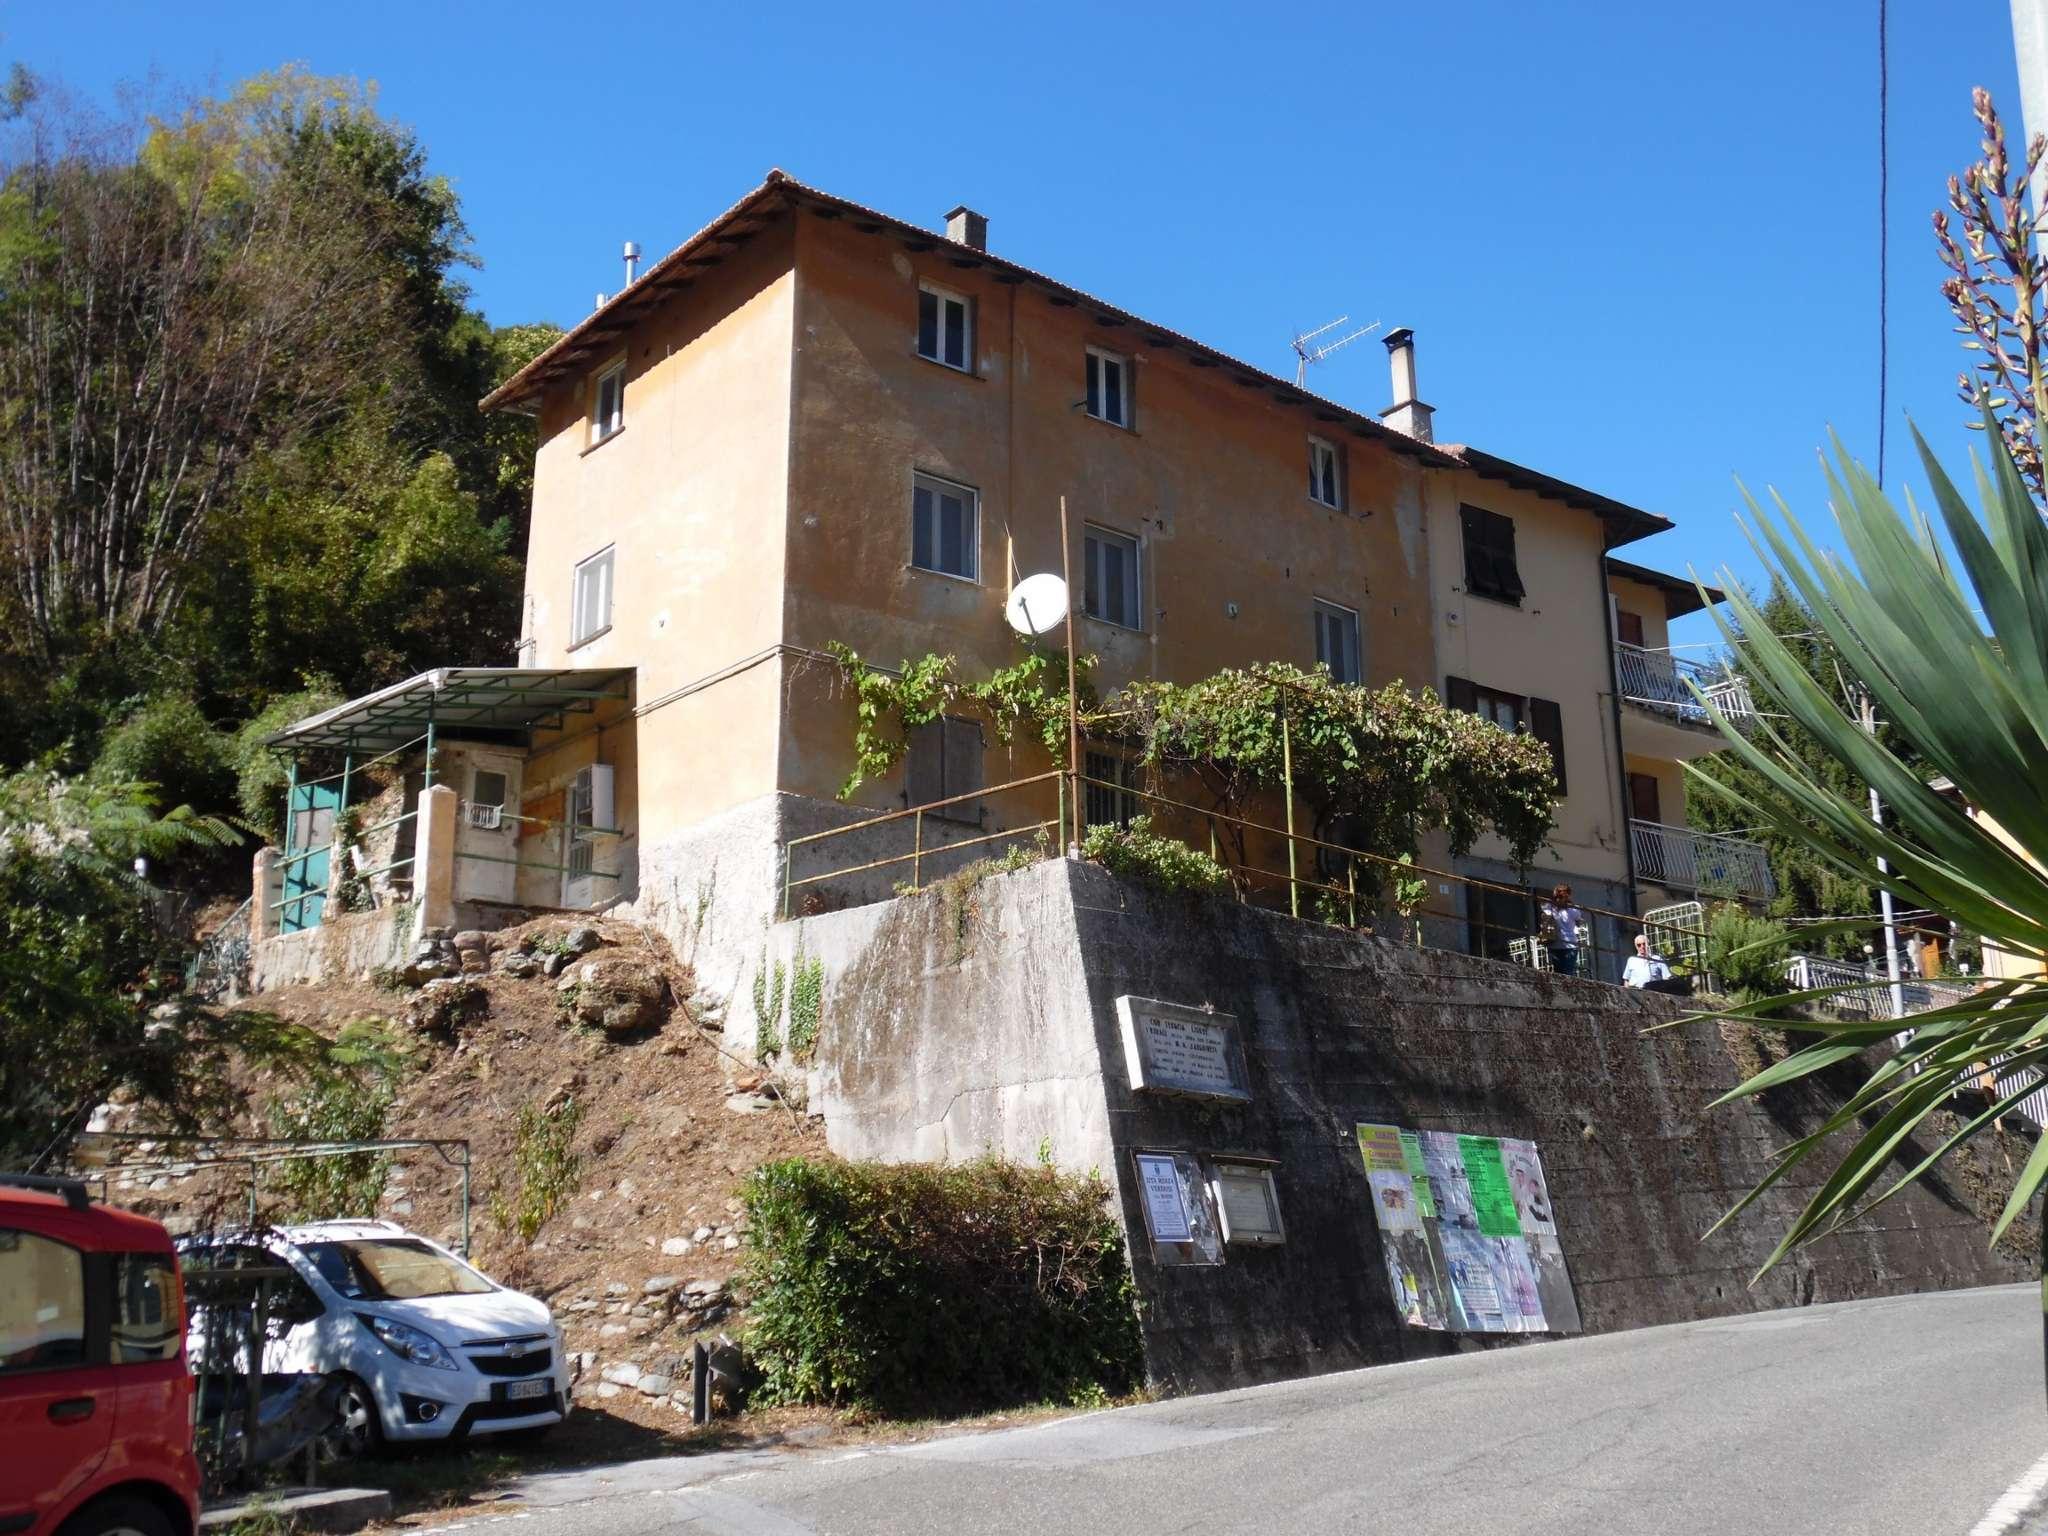 Soluzione Indipendente in vendita a Ceranesi, 9999 locali, prezzo € 65.000 | CambioCasa.it